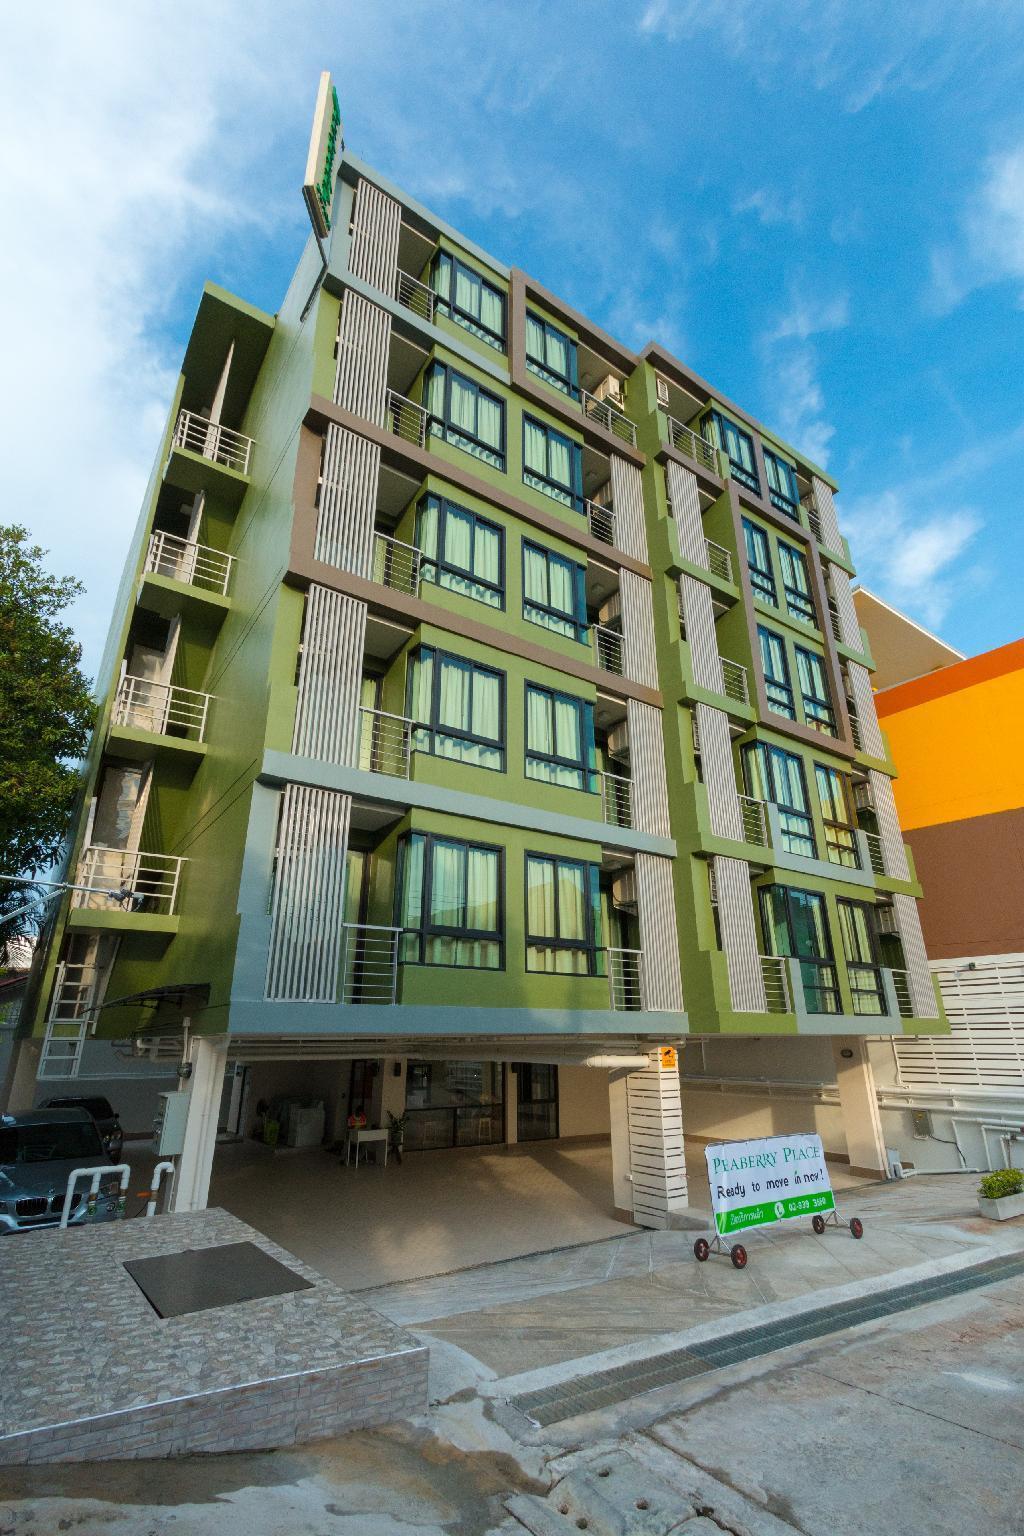 Peaberry Place, Stay Stylish in Quiet Neighborhood สตูดิโอ อพาร์ตเมนต์ 1 ห้องน้ำส่วนตัว ขนาด 26 ตร.ม. – รัชดาภิเษก